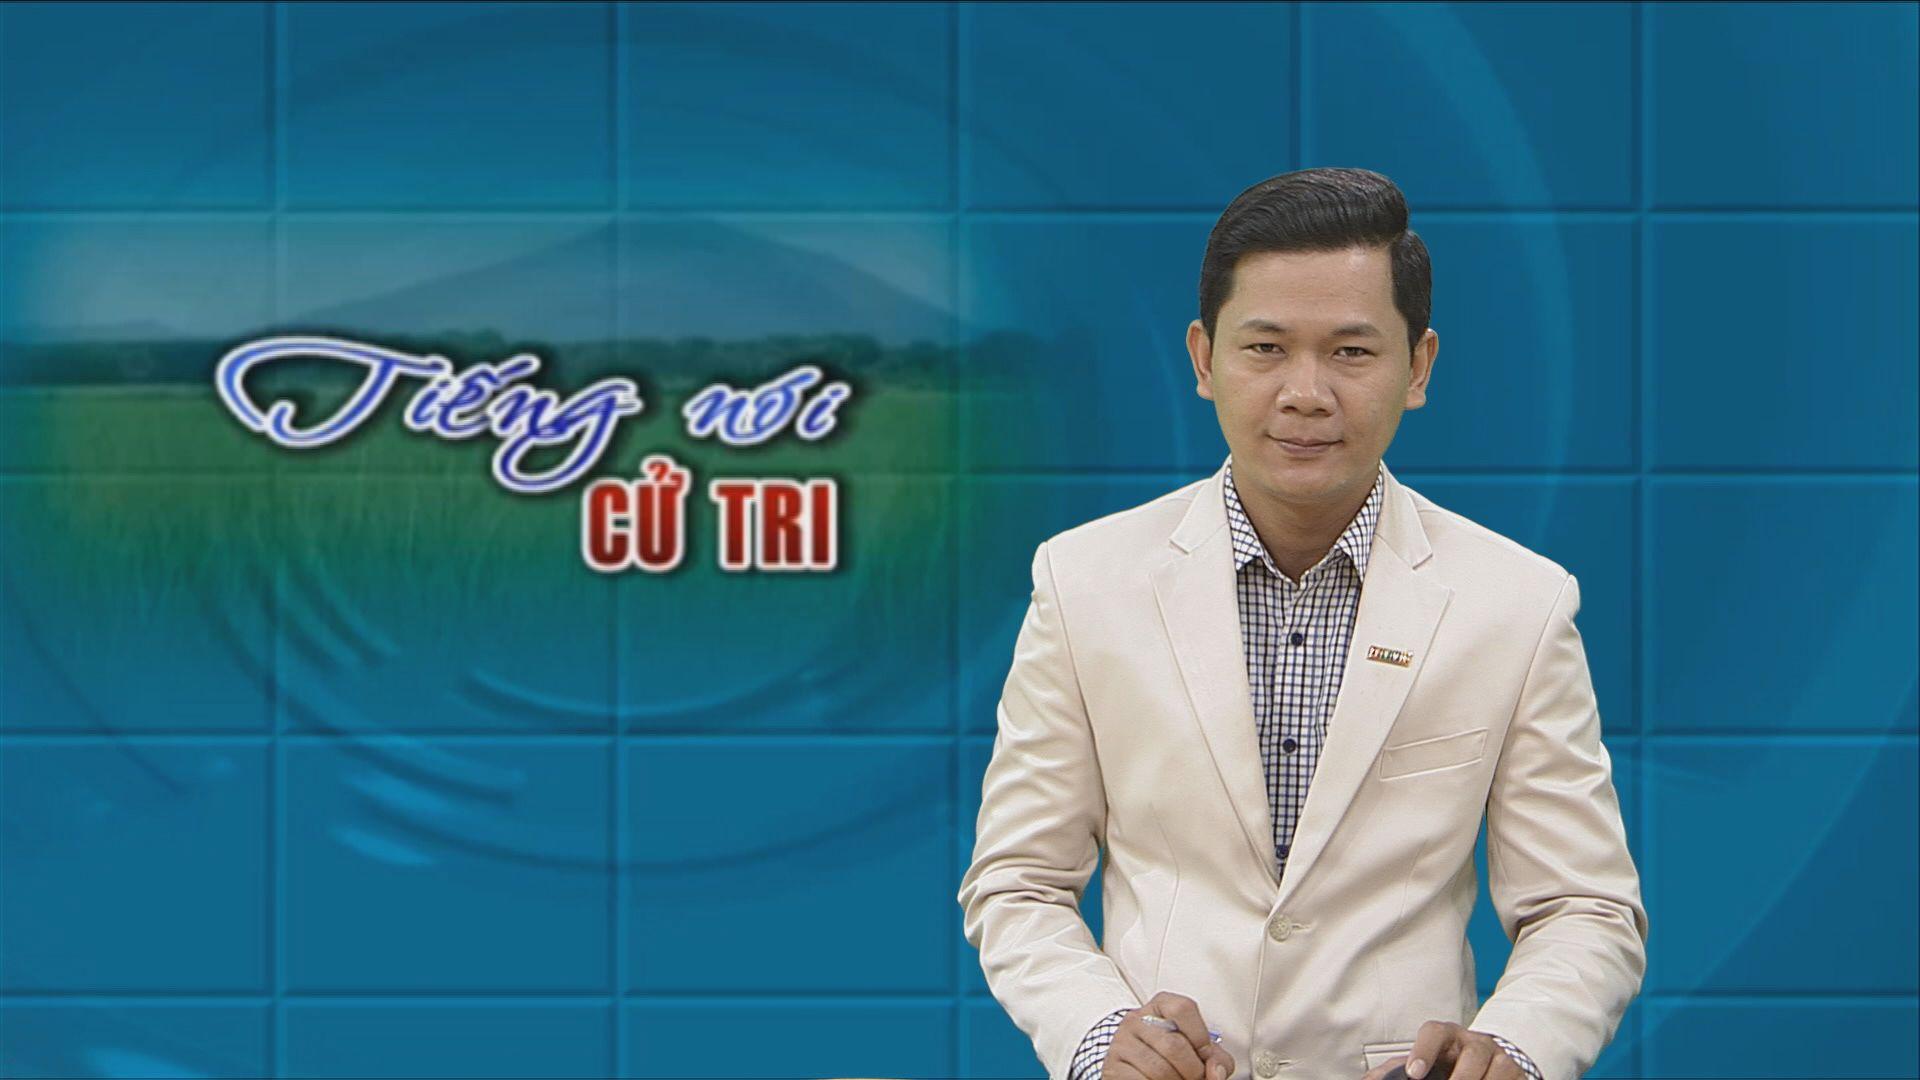 Công tác phòng chống buôn lậu gian lận thương mại và hàng giả trên địa bàn tỉnh Tây Ninh | TIẾNG NÓI CỬ TRI | TayNinhTV